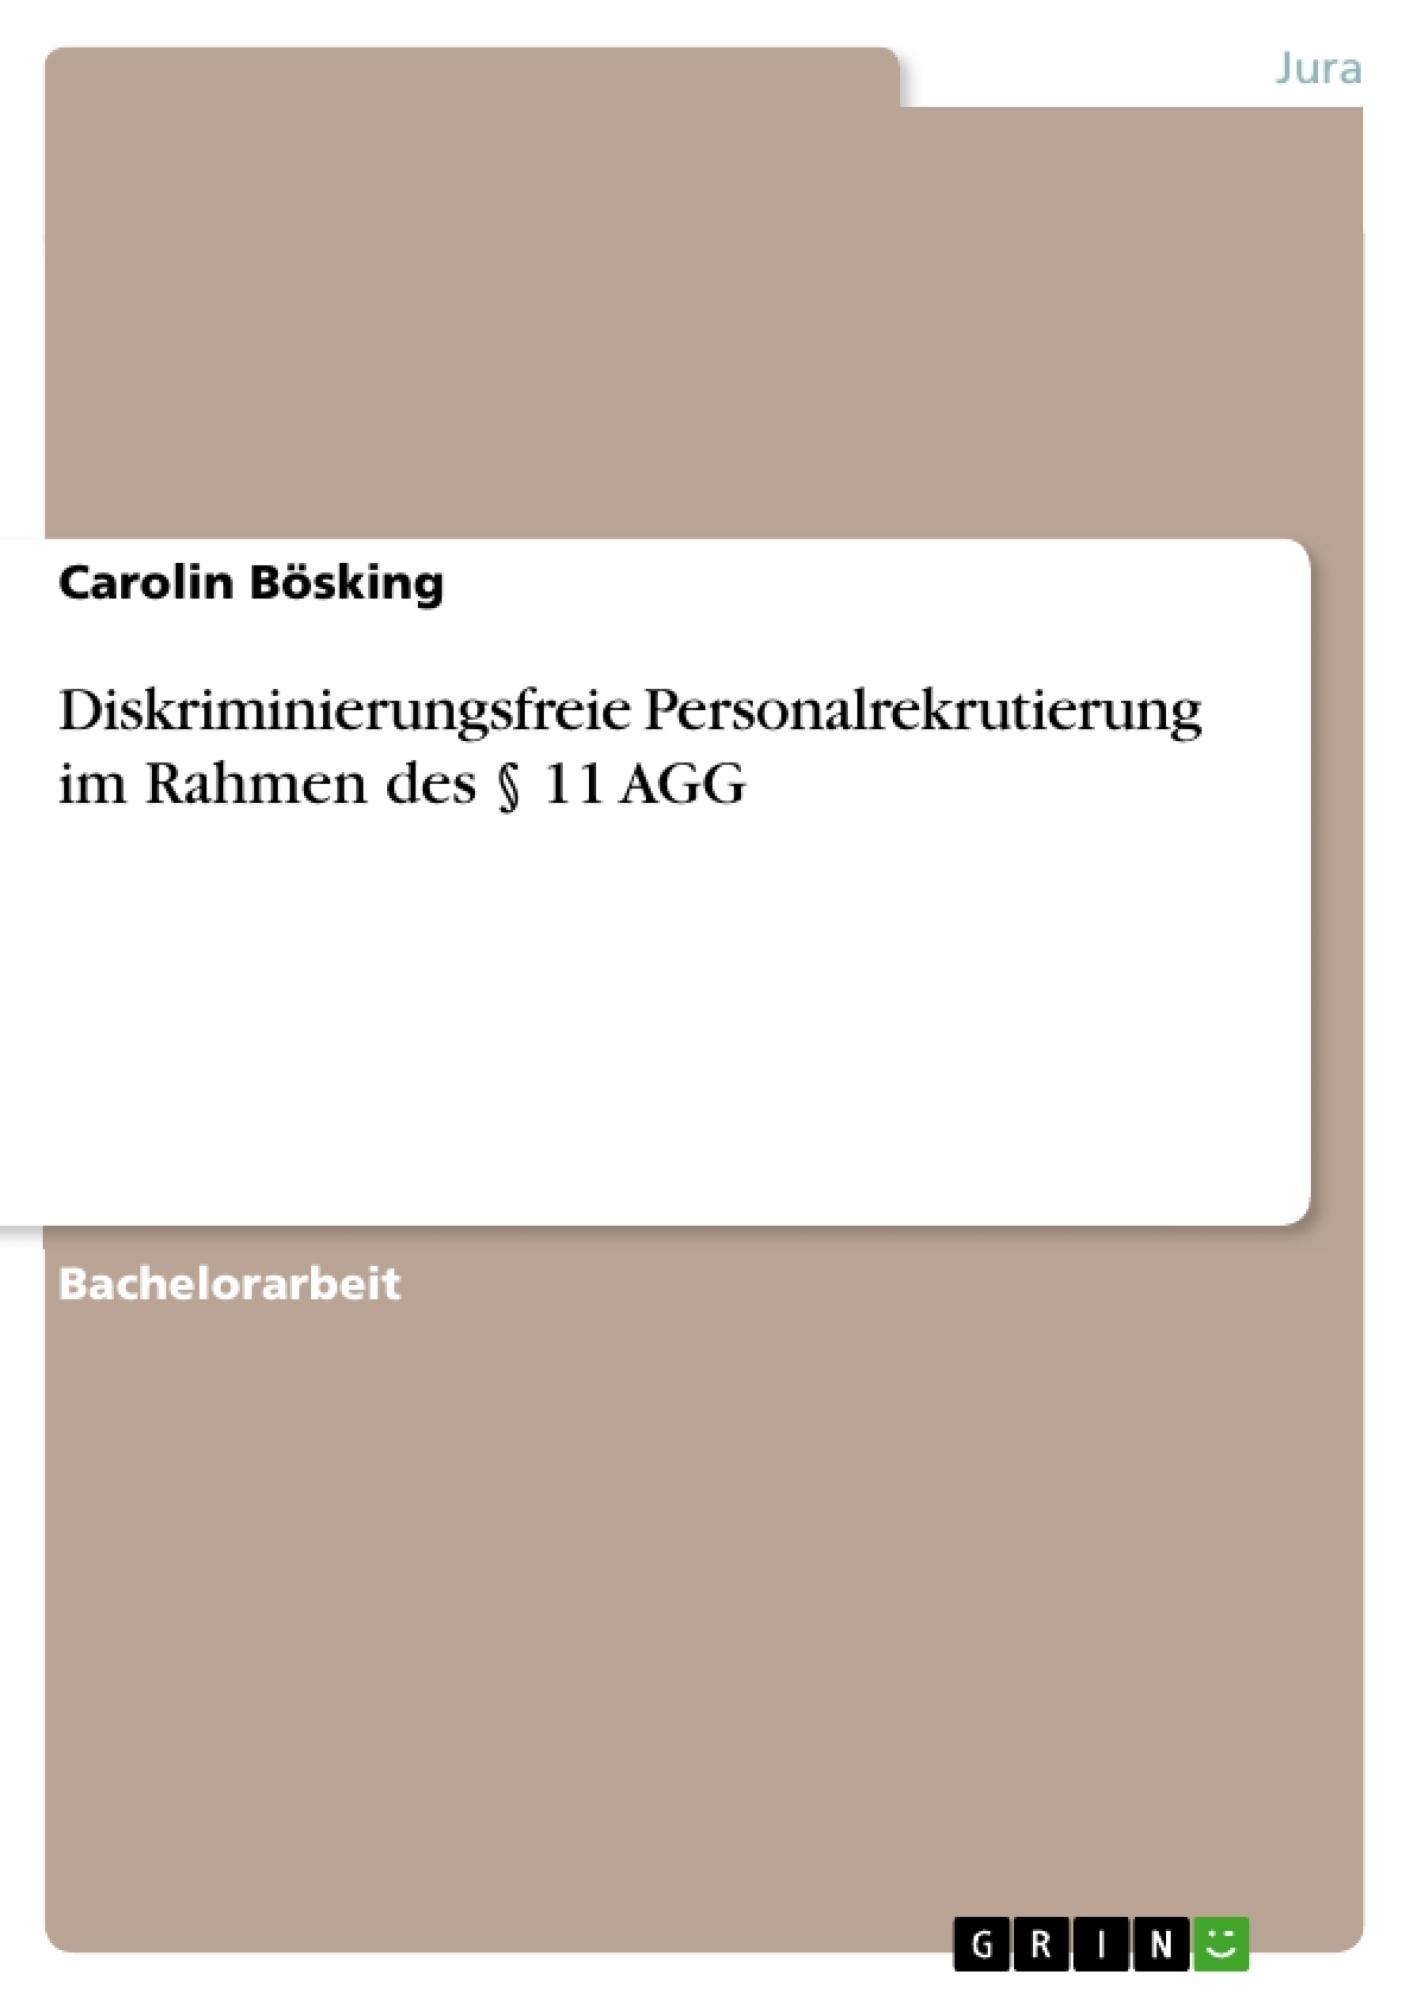 Titel: Diskriminierungsfreie Personalrekrutierung im Rahmen des § 11 AGG